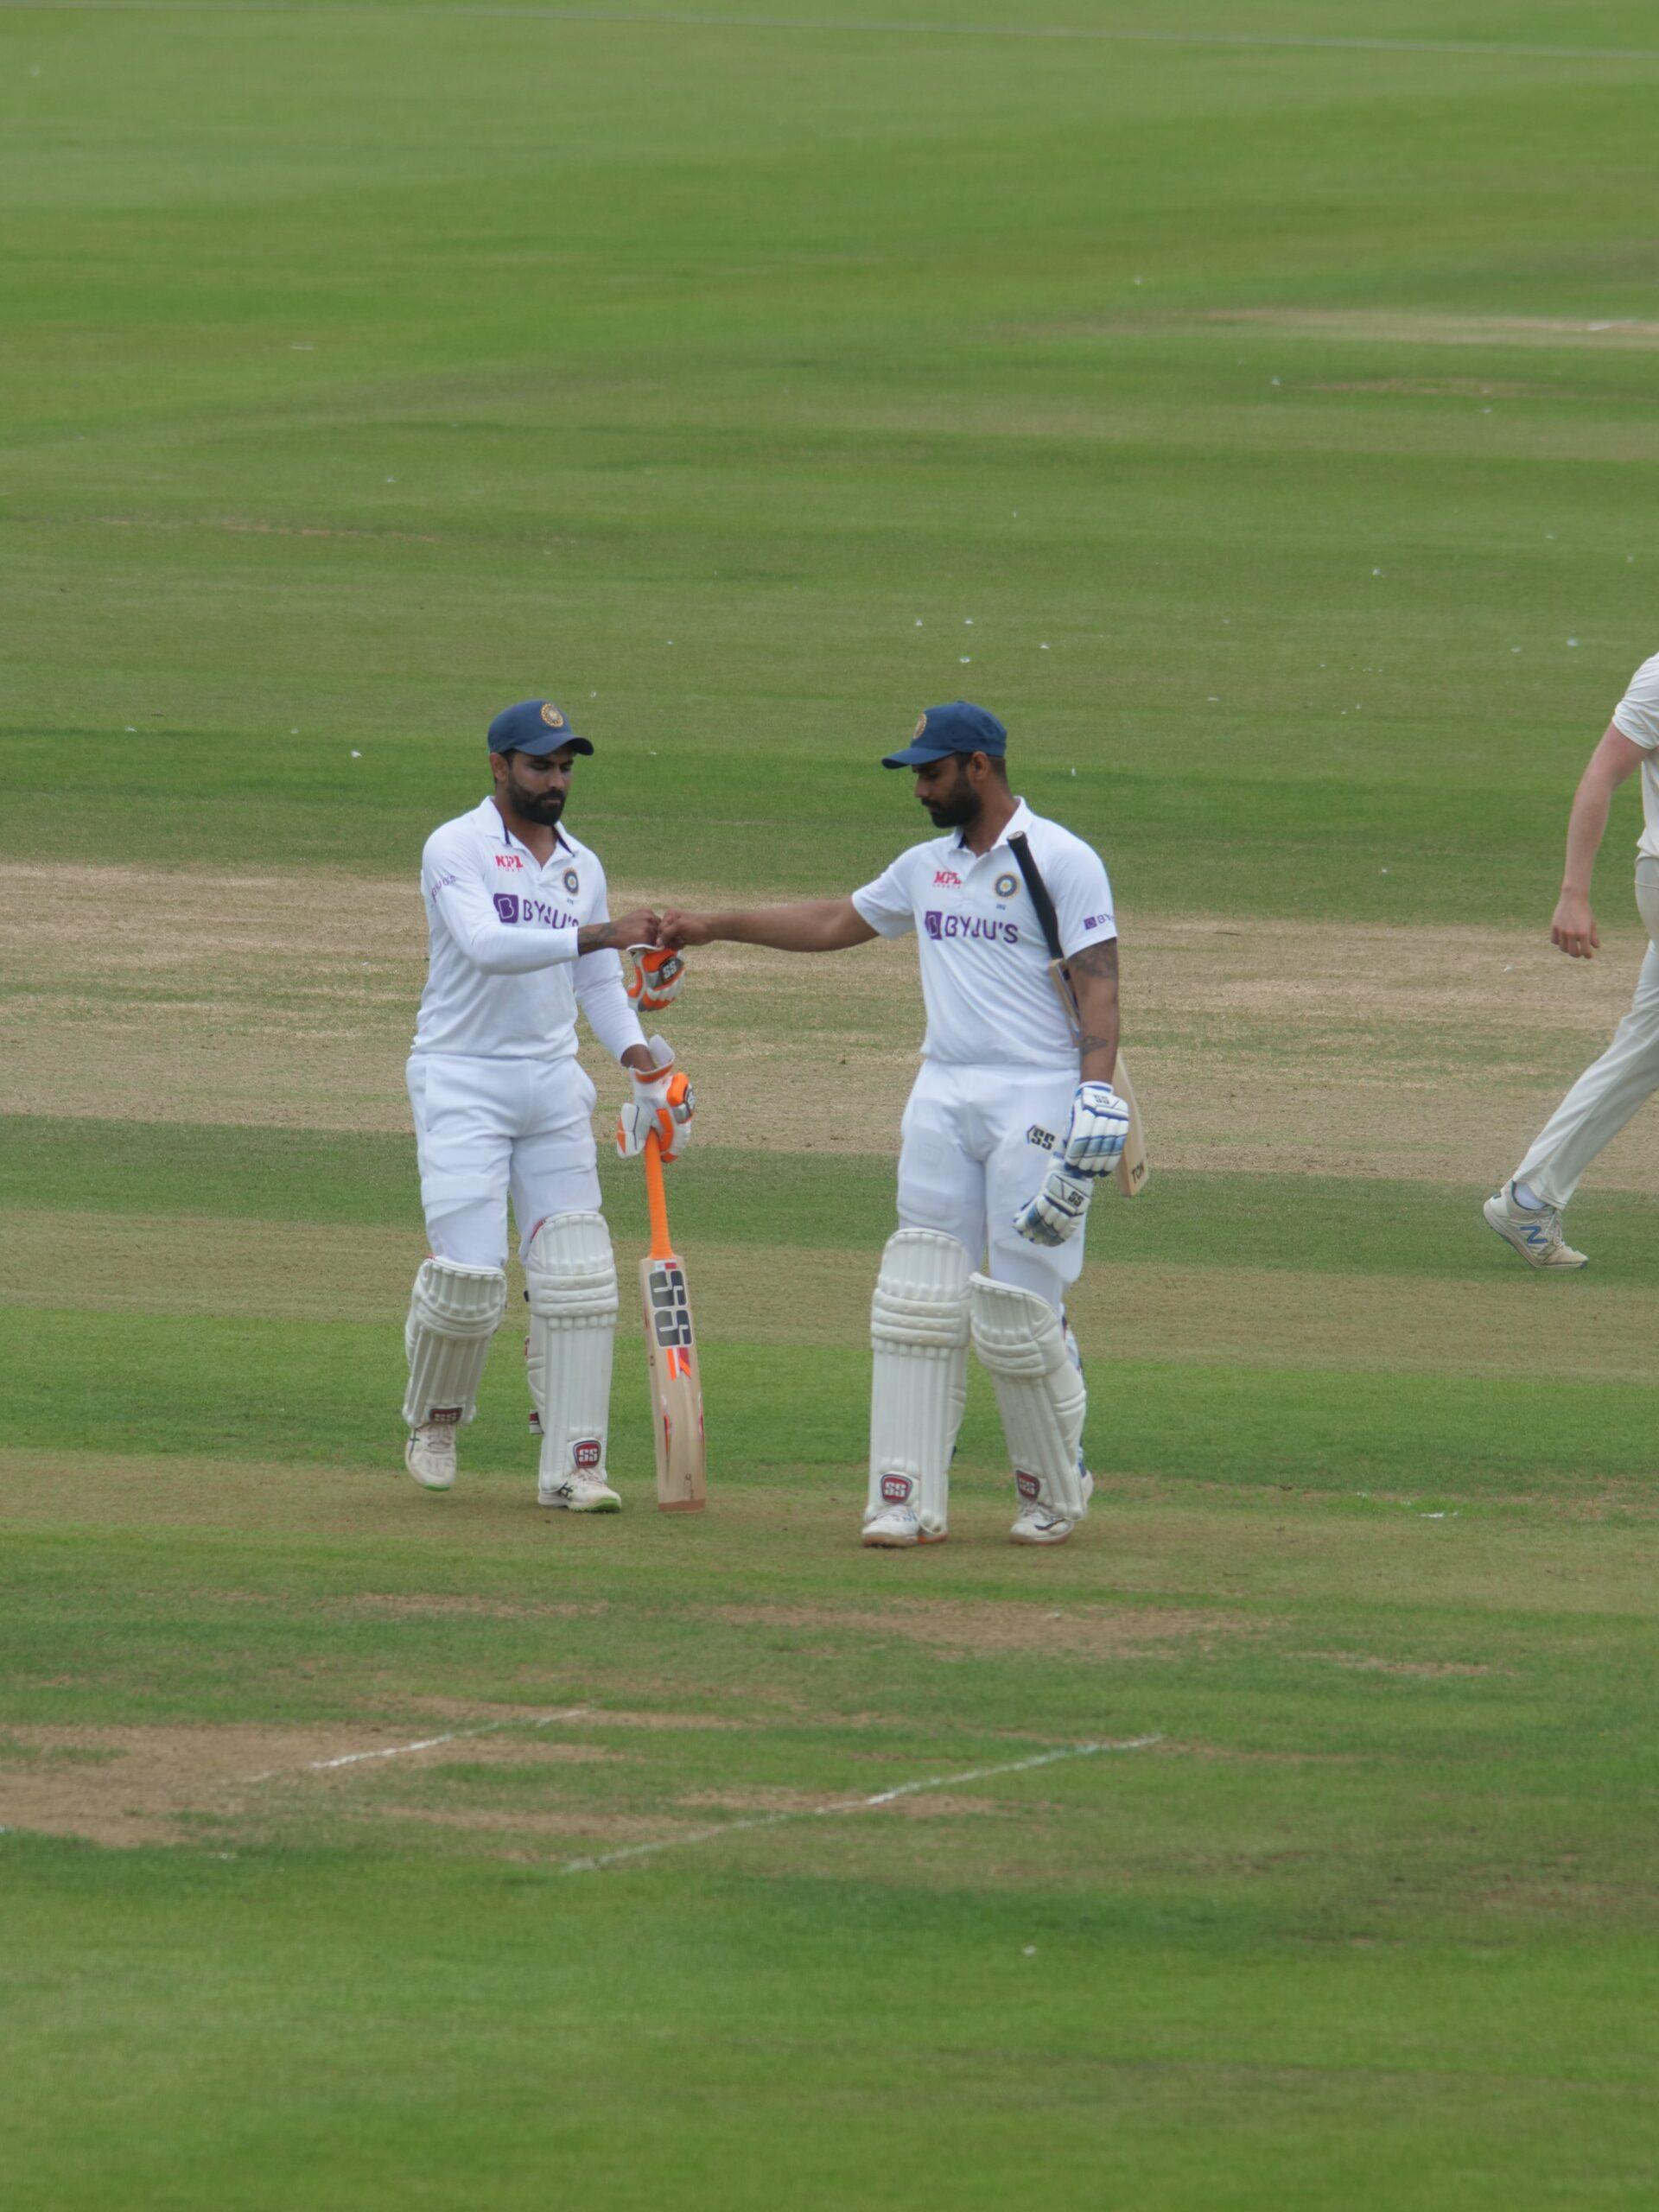 भारत और काउंटी इलेवन के खिलाफ मैच हुआ ड्रा, रविन्द्र जडेजा ने पक्की की टीम में अपनी जगह 3